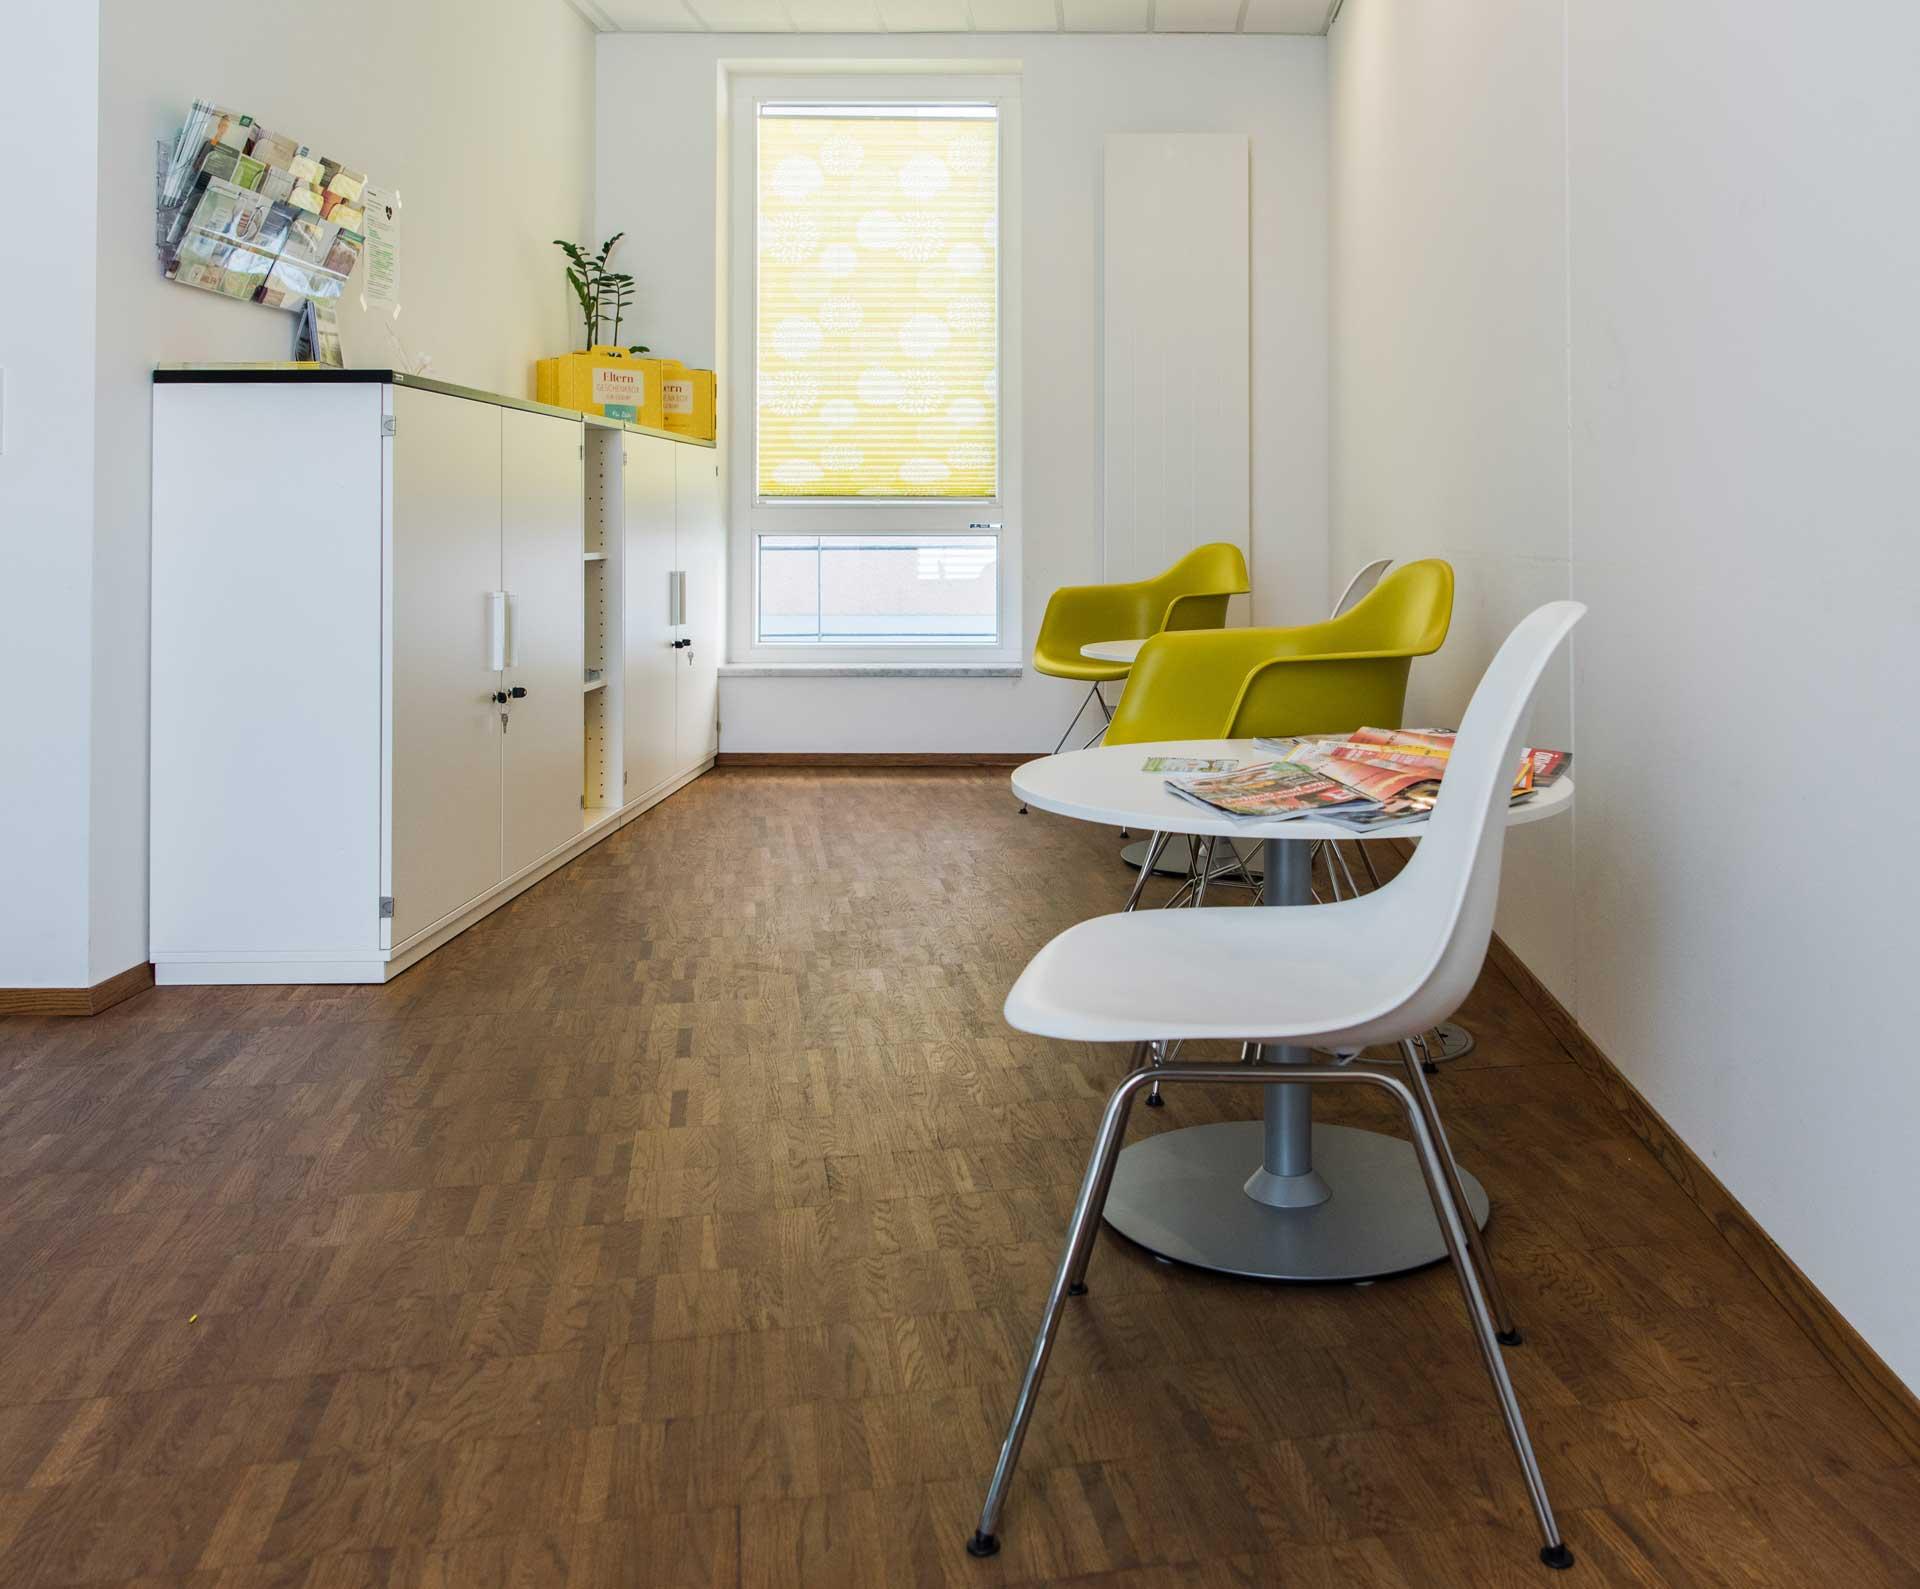 Praxis Dr. Frommlet Wartezimmer mit grünem und weissen Stühlen